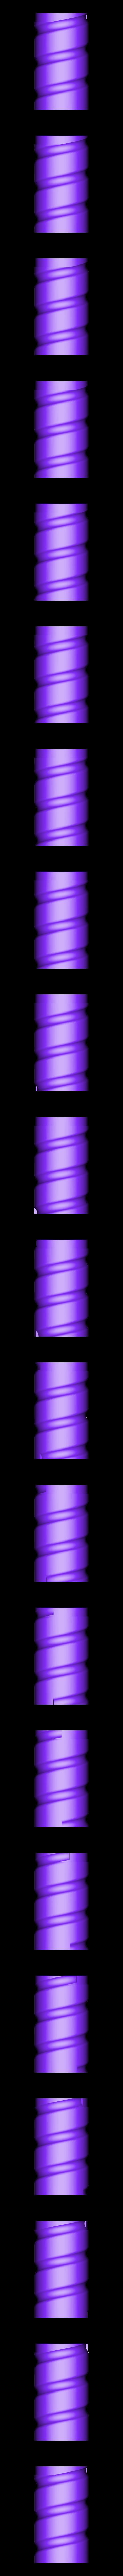 king's spear 7.stl Télécharger fichier STL gratuit King's Chastiefol • Design pour imprimante 3D, ChrisBobo